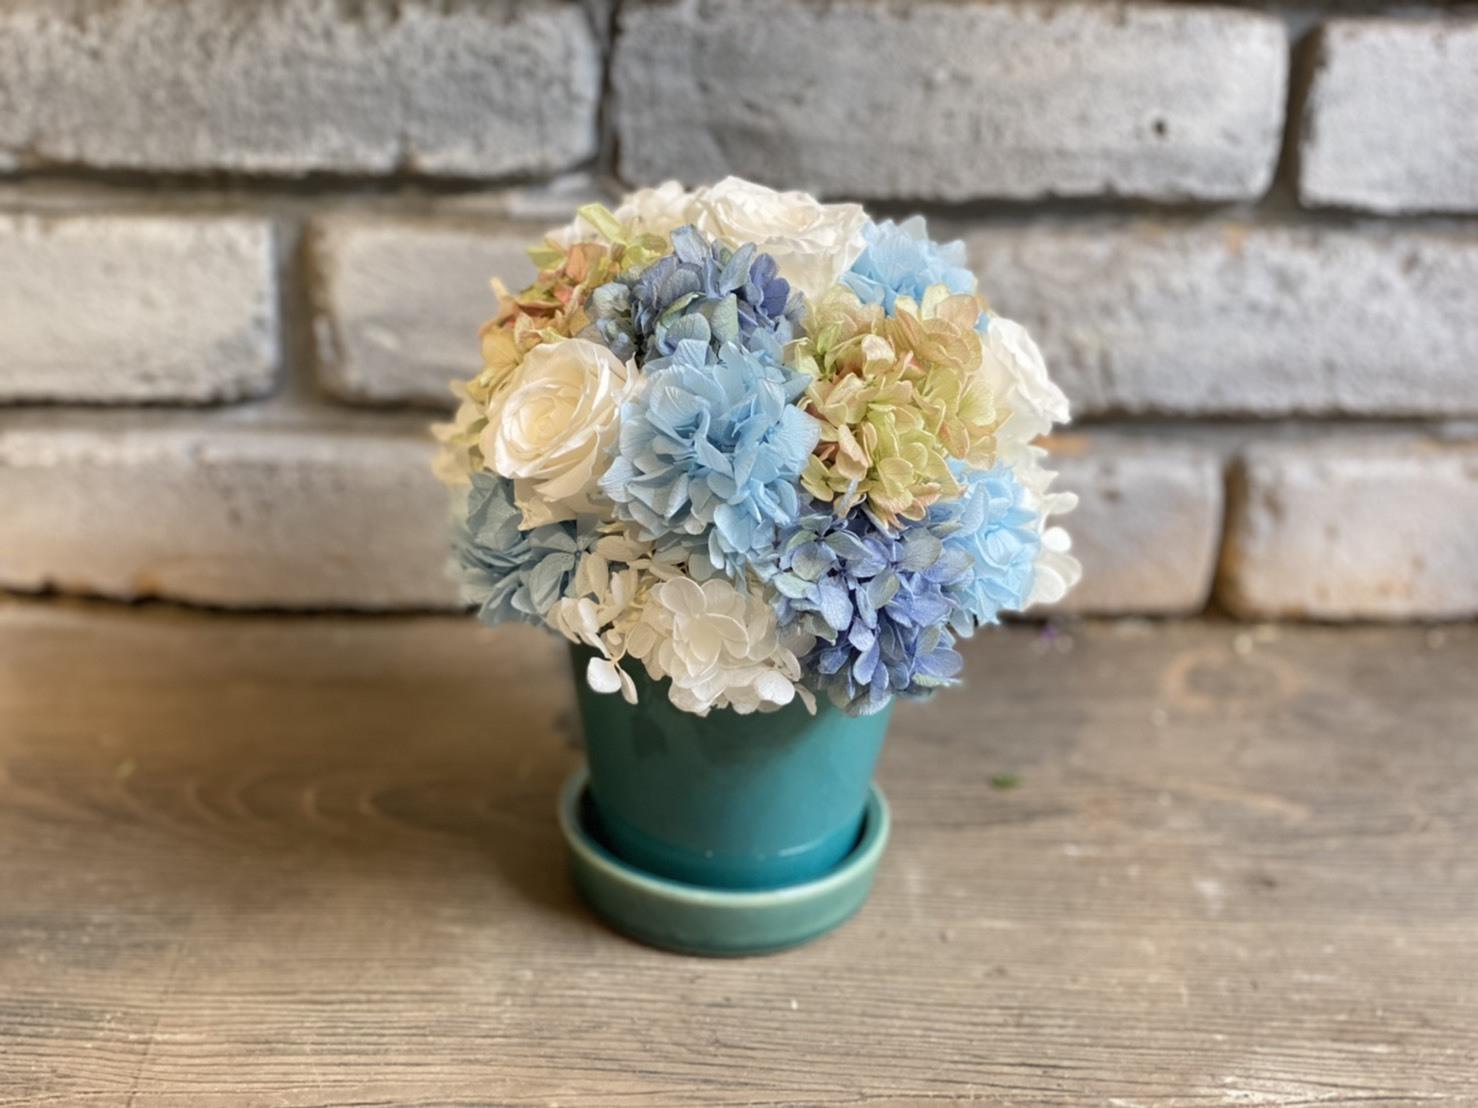 【母の日ギフト】プリザーブドフラワーアレンジメント ホワイトブルー